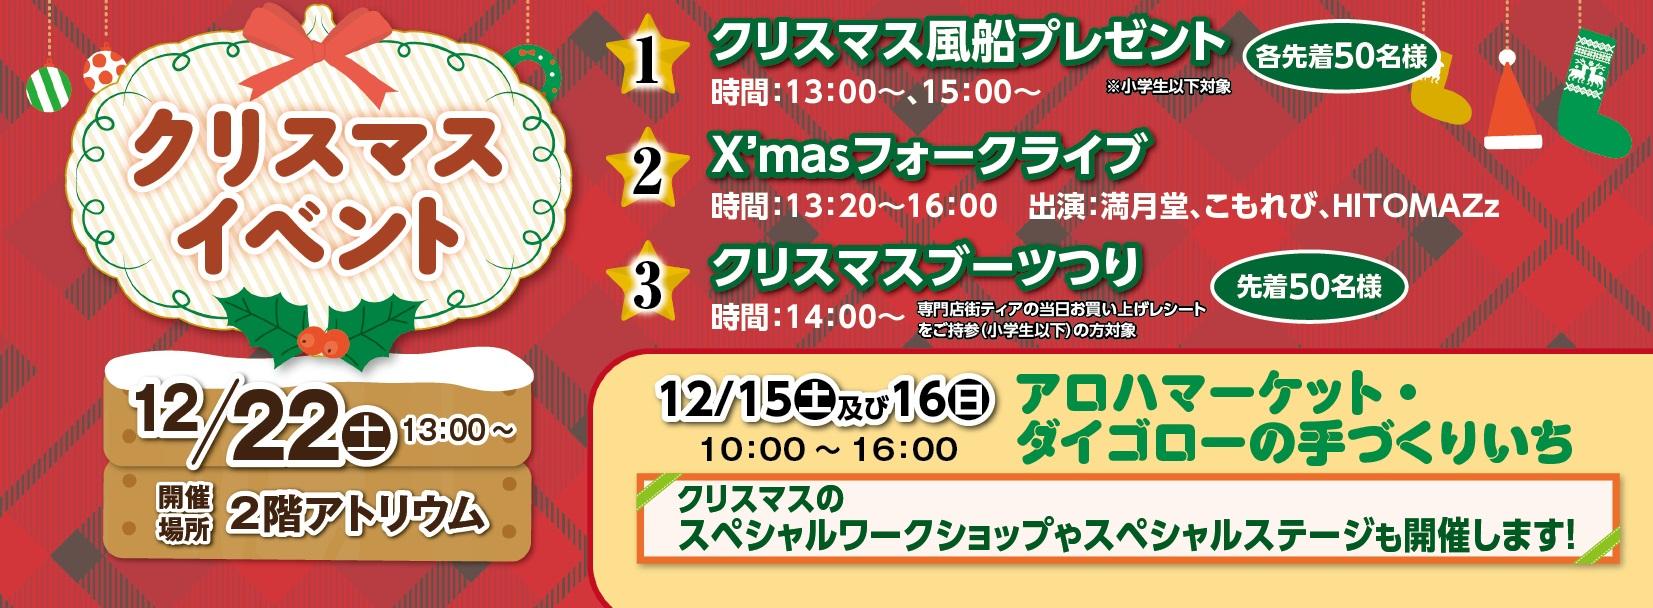 ティアクリスマス抽選会_最終 - コピー.jpg